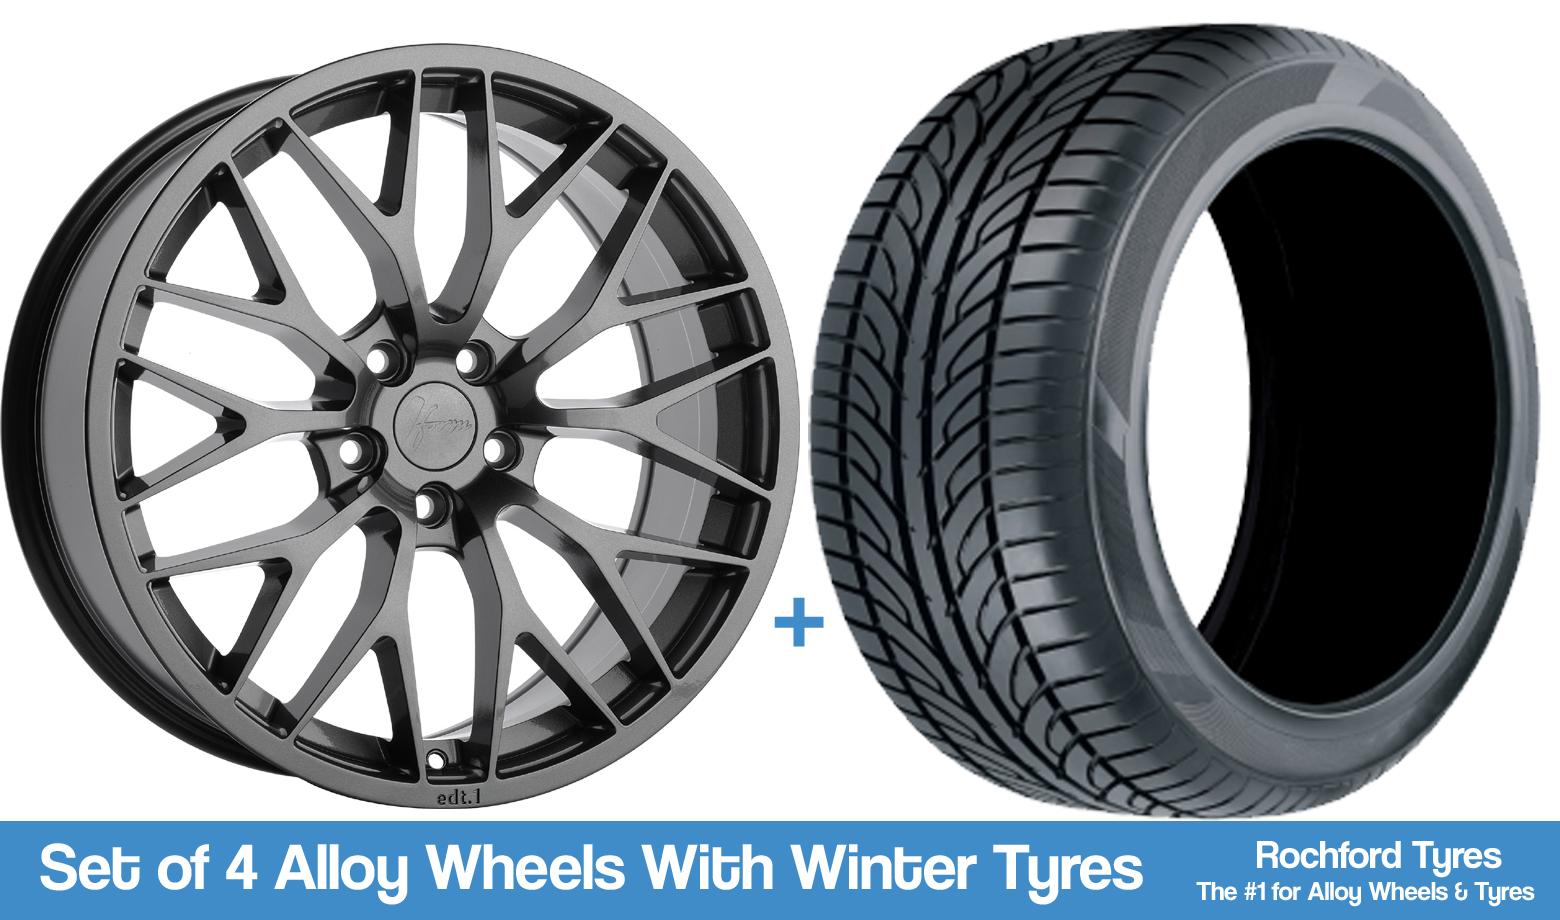 """1form Winter Alloy Wheels & Tyres 18"""" For Merc Cla-class Cla45 Amg C117 13-16 Om Jarenlange Probleemloze Service Te Garanderen"""